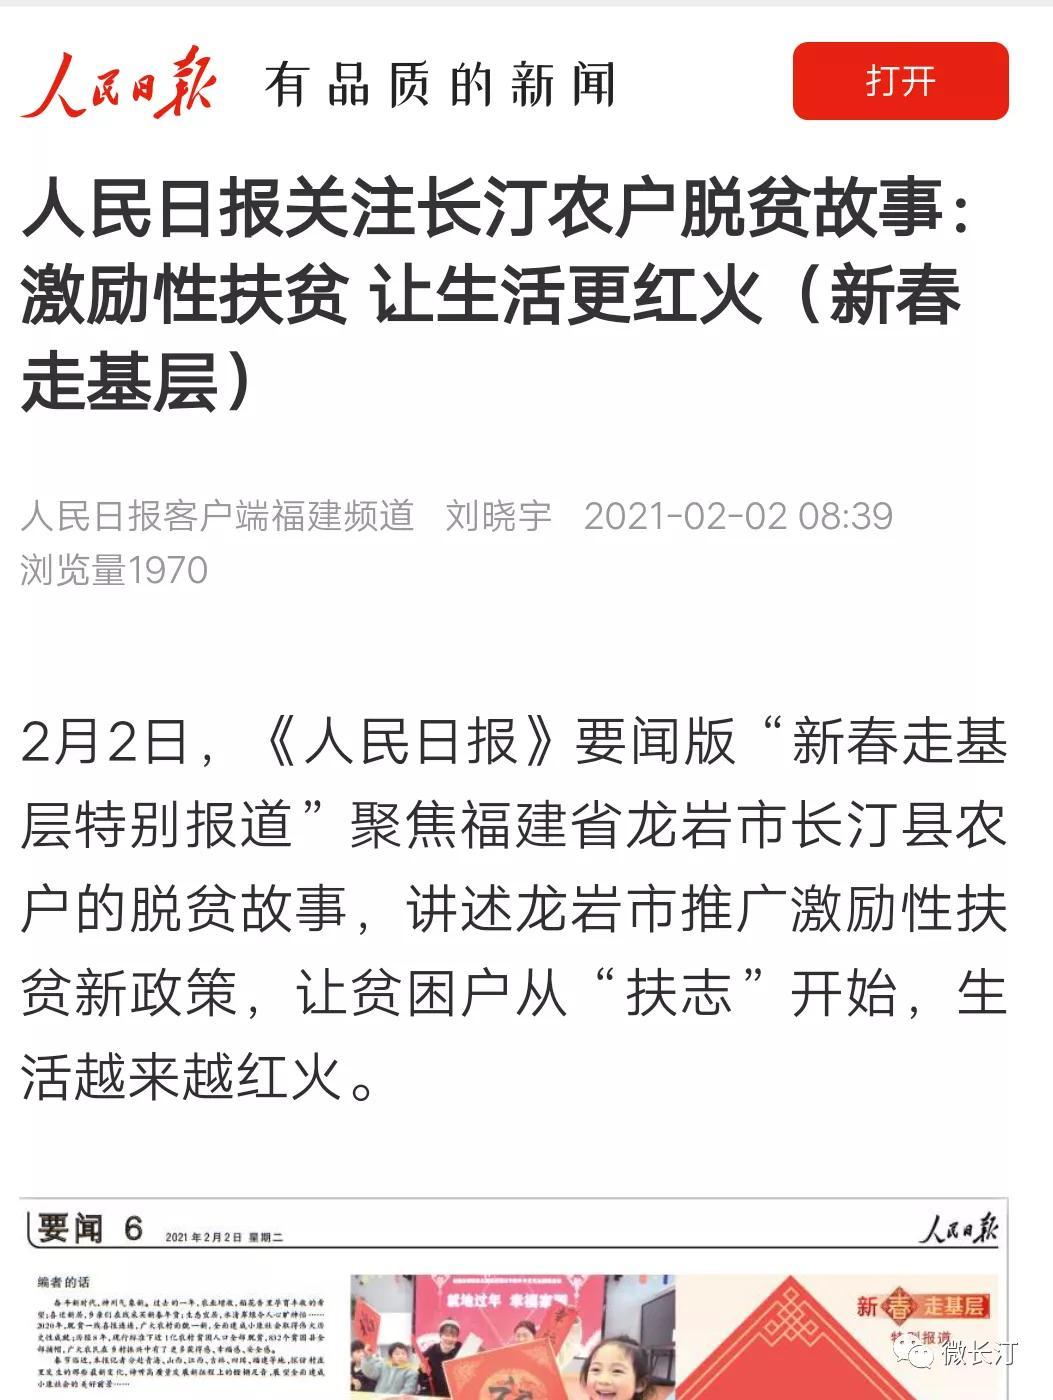 新春走基层丨人民日报关注长汀农户脱贫故事:激励性扶贫 让生活更红火